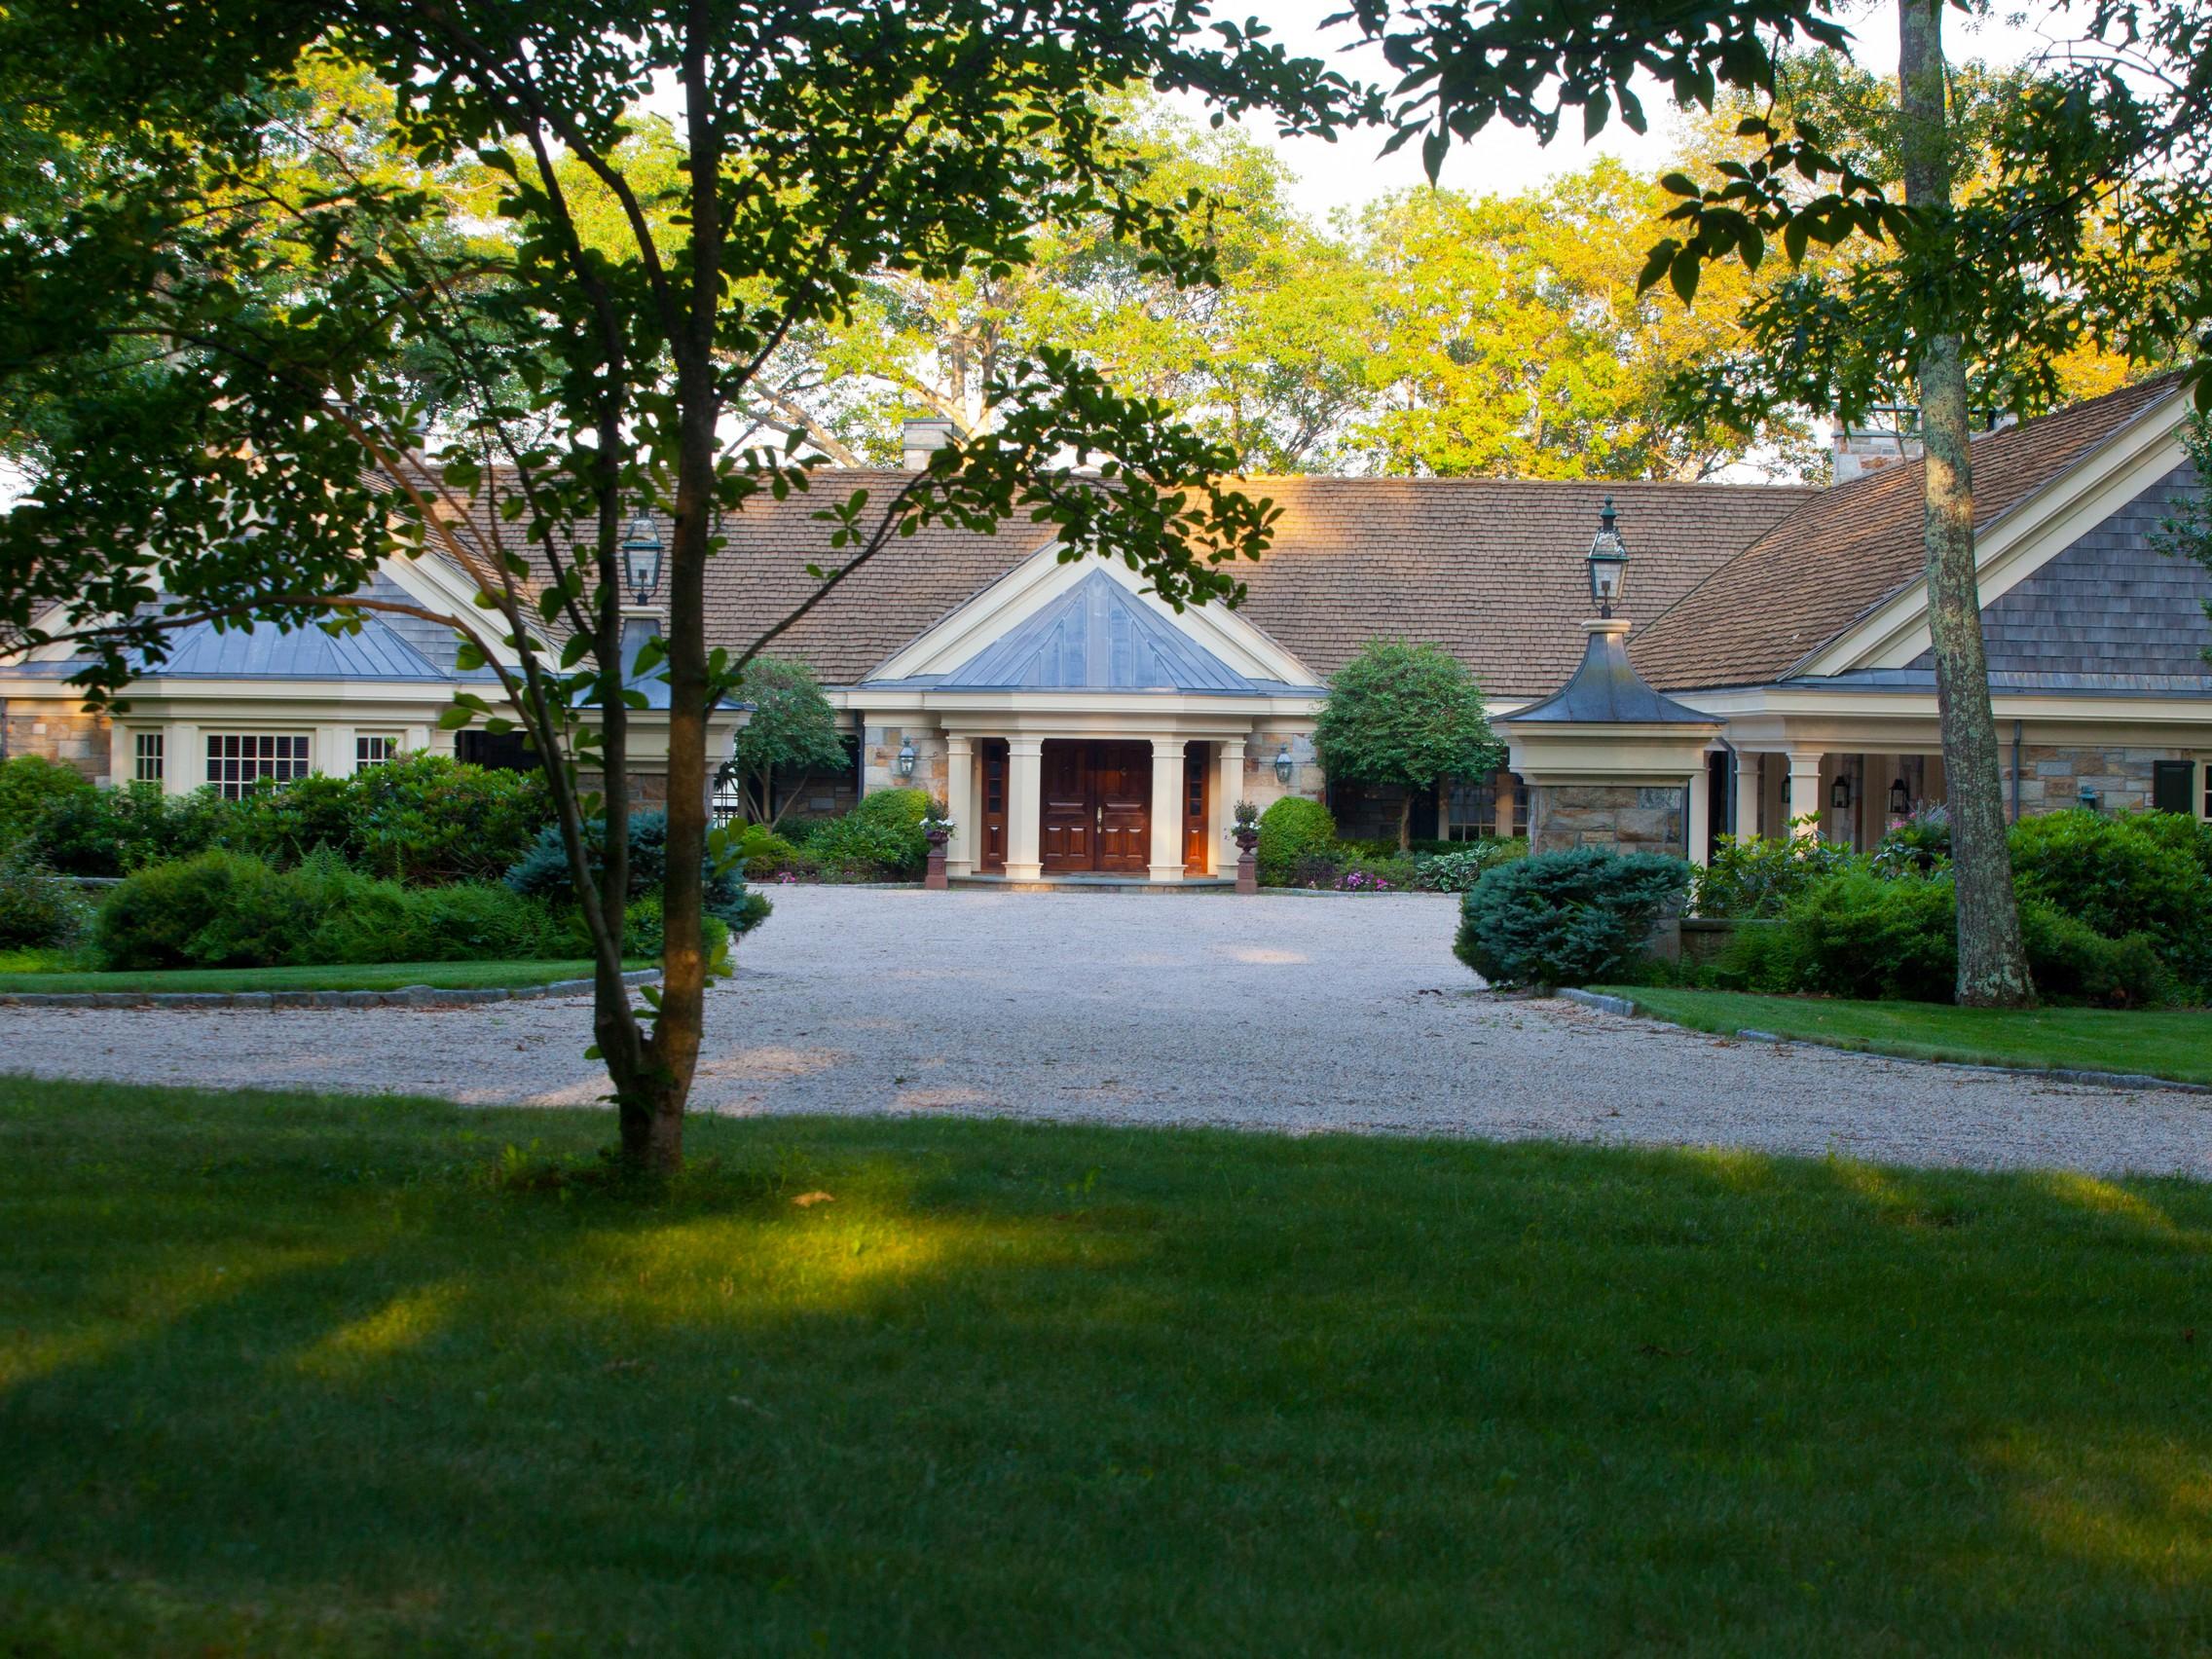 独户住宅 为 销售 在 The View That Built the House 33 Ore Hill Rd 肯特, 康涅狄格州, 06787 美国